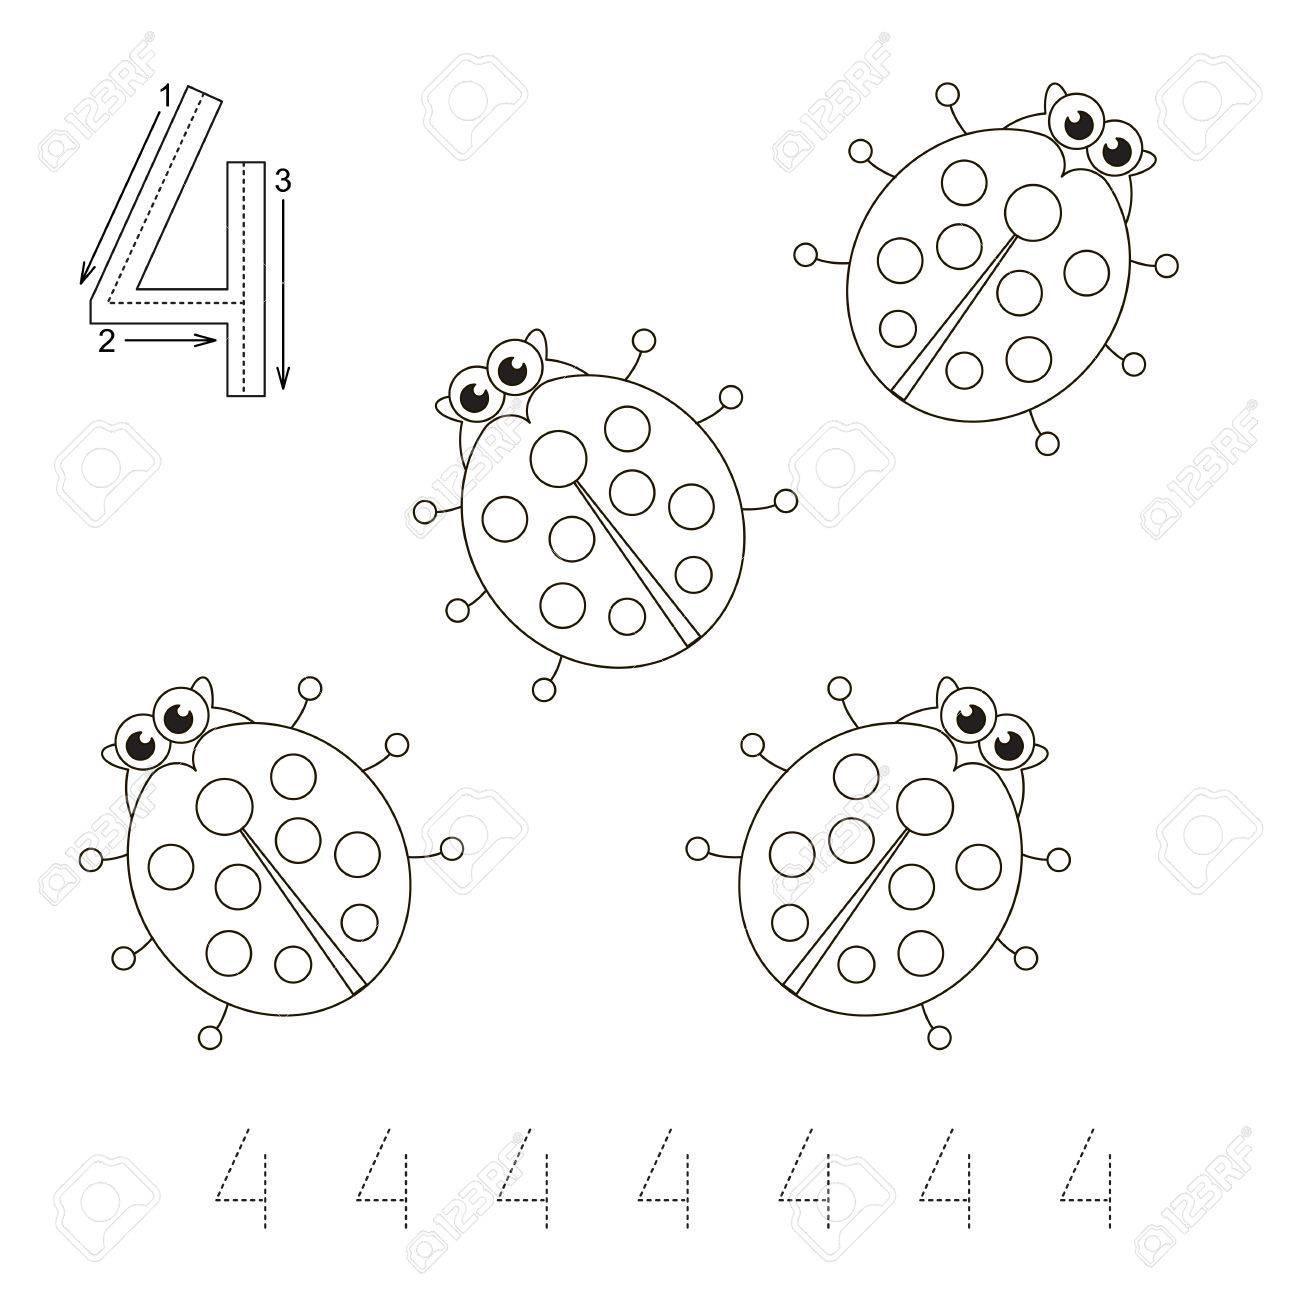 図 4 のゲーム4 つのてんとう虫の色にします塗り絵は子供を教育し